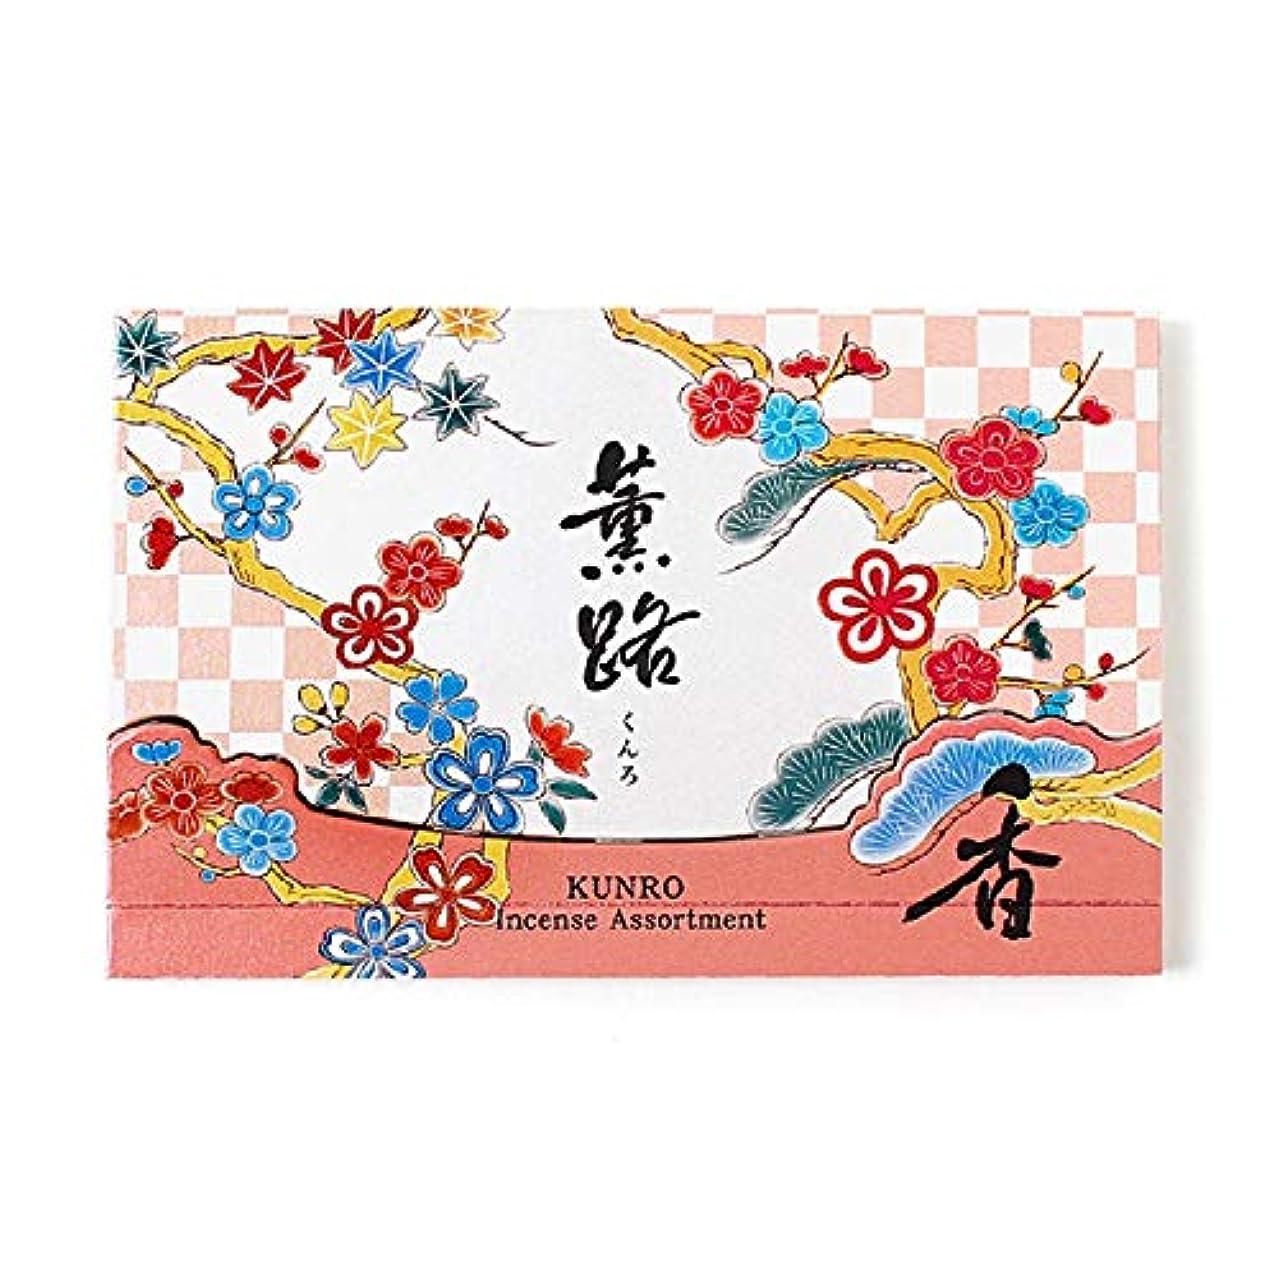 港真似るママ松栄堂 お香 薫路アソート 25本入